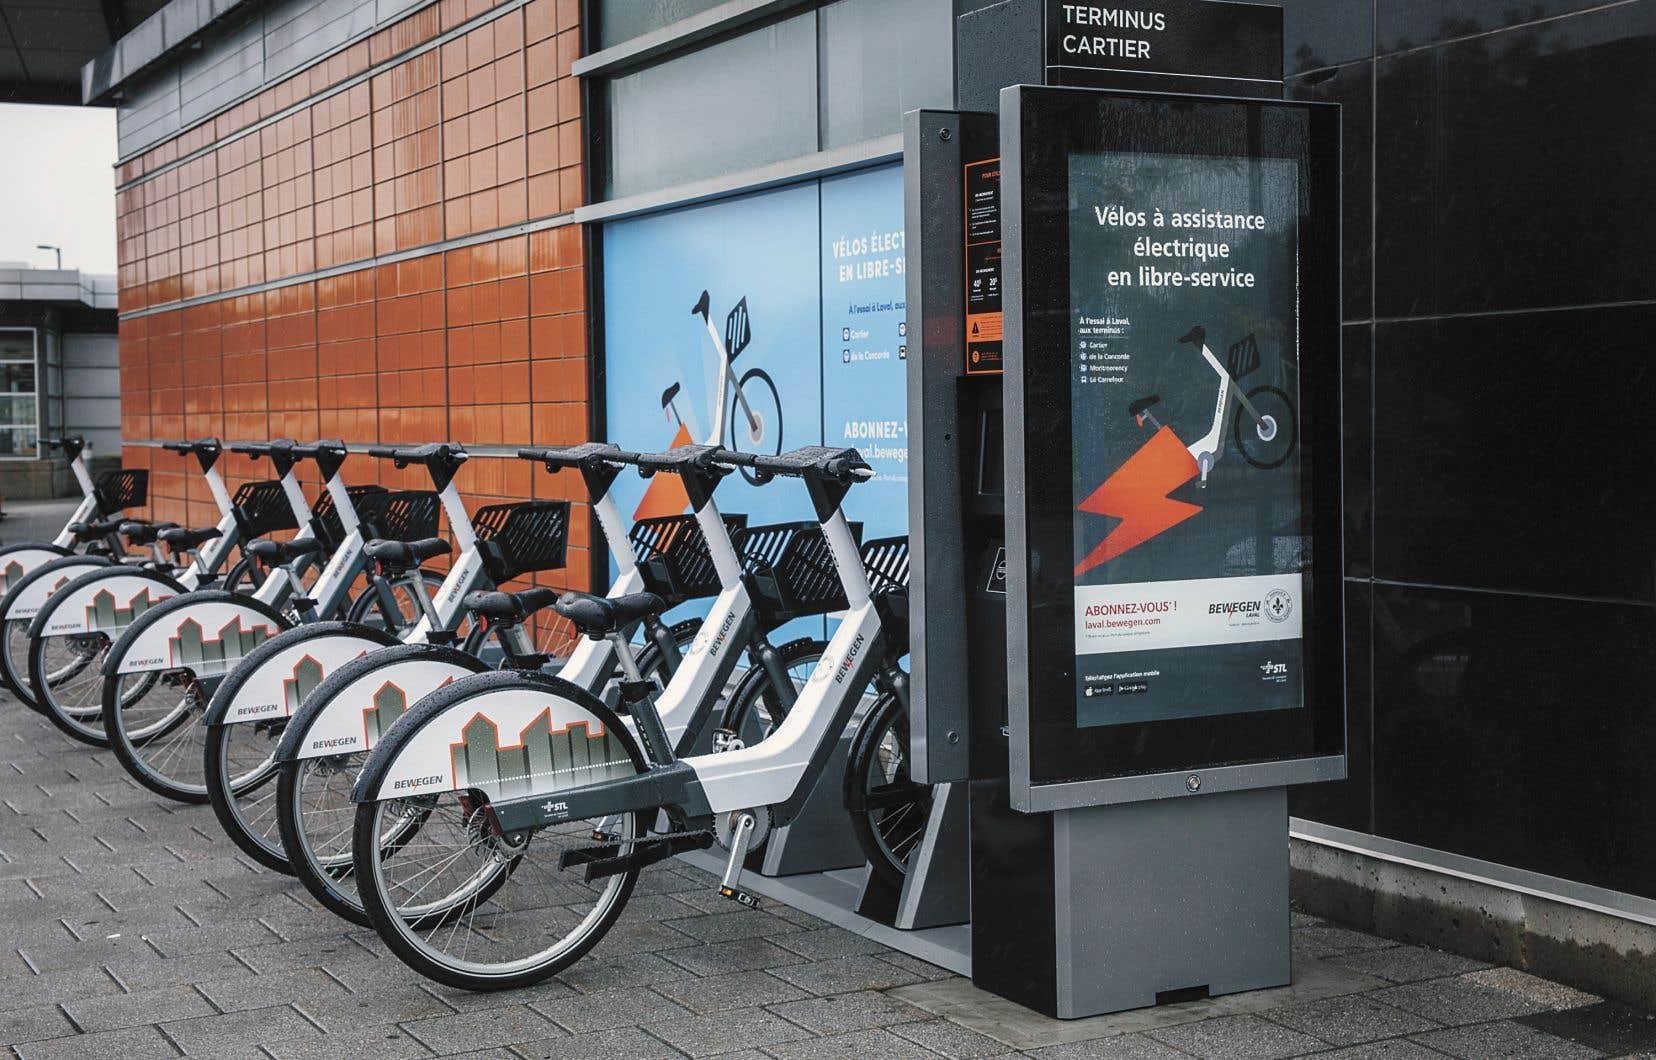 La Société de transport de la Ville de Laval a mis sur pied il y a quelques semaines son propre projet de vélos électriques. Il comprend quatre stations, dont celle-ci à la station de métro Cartier, pour un total de 40 bicyclettes.